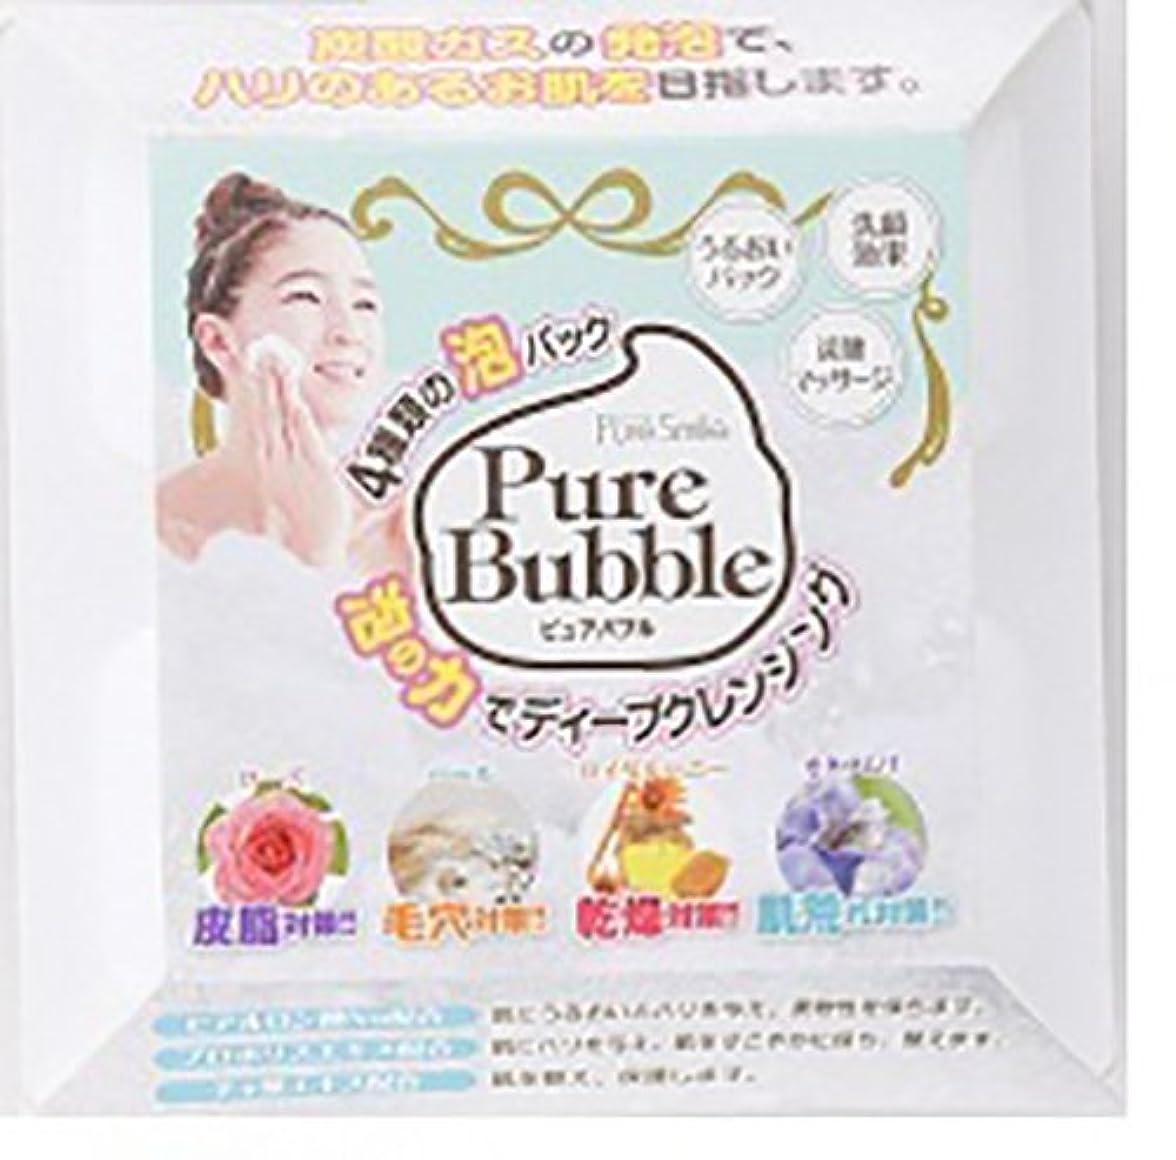 ダイバー億噴水Pure Smile ピュアバブルセット 12ml